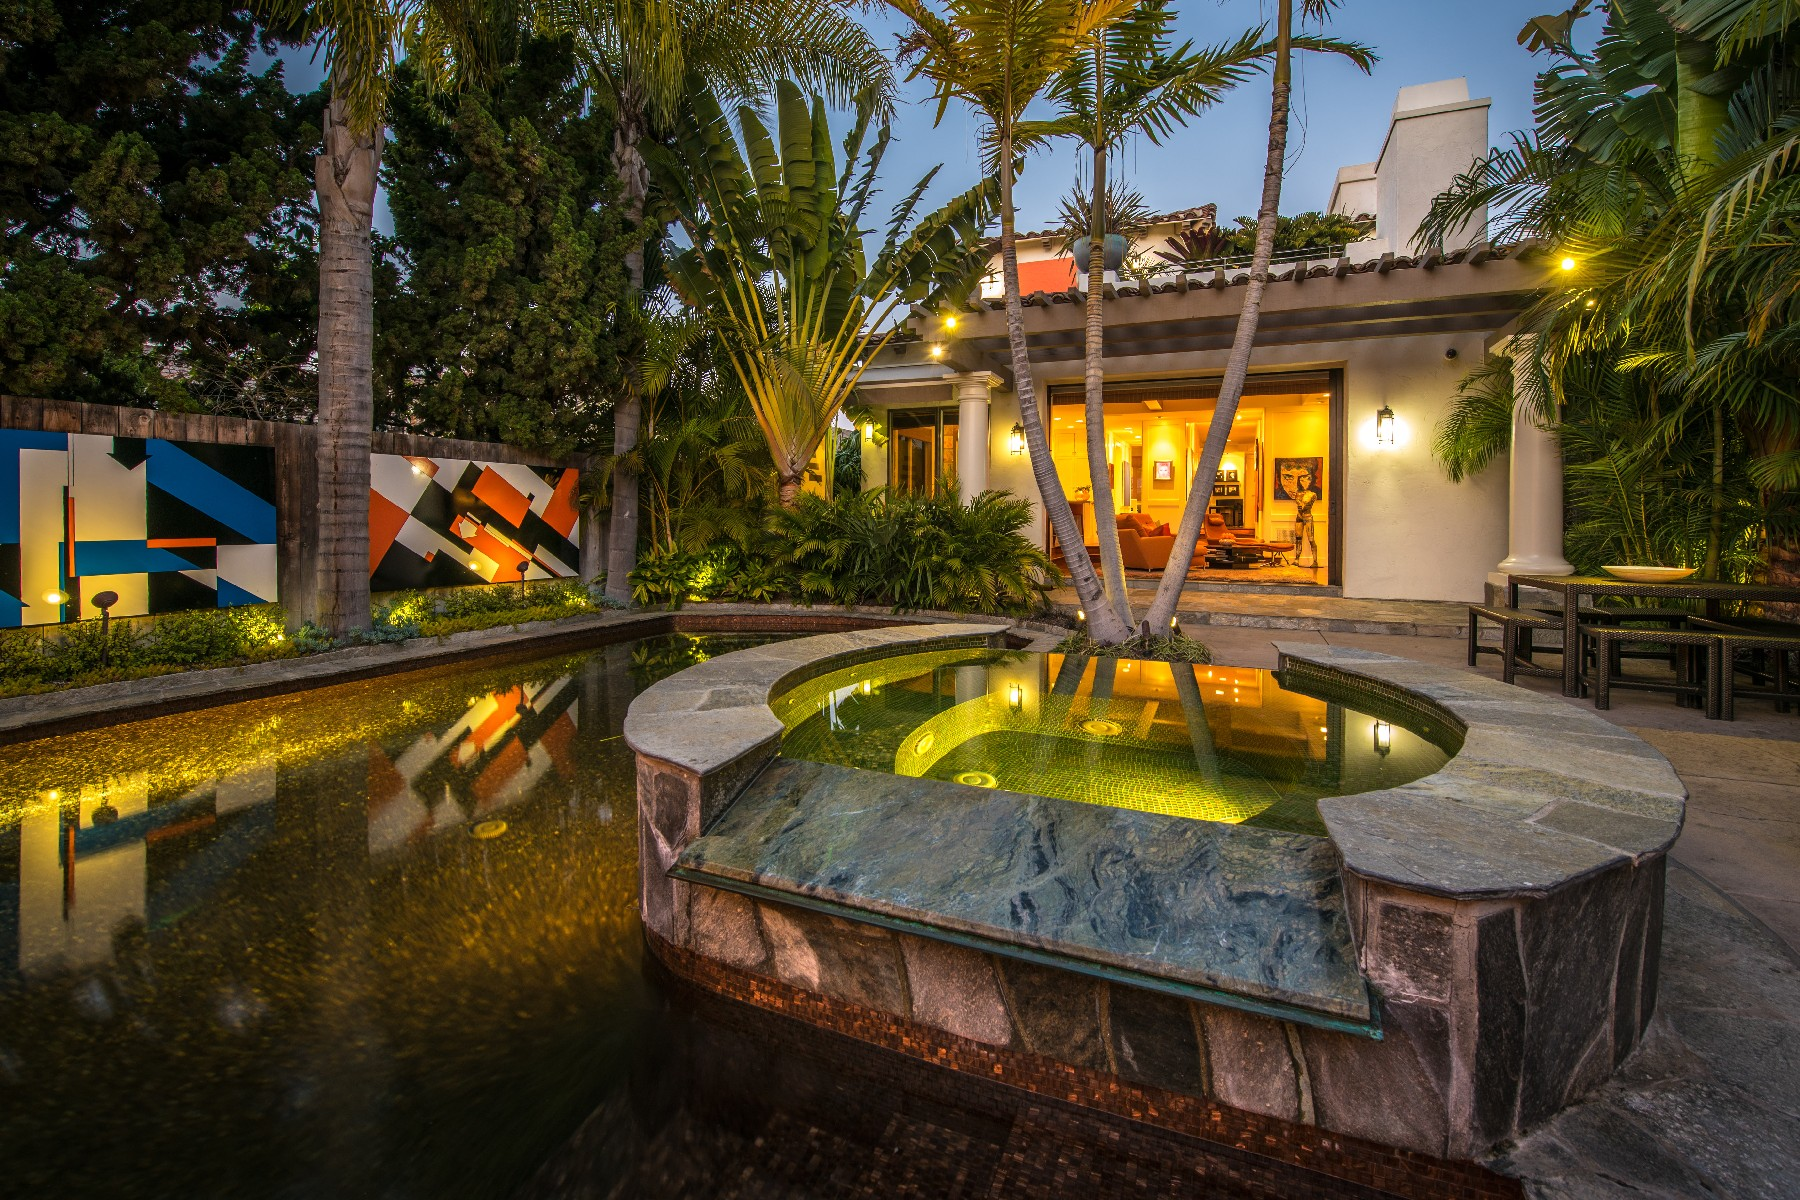 Villa per Vendita alle ore 734 Glorietta Boulevard Coronado, California, 92118 Stati Uniti